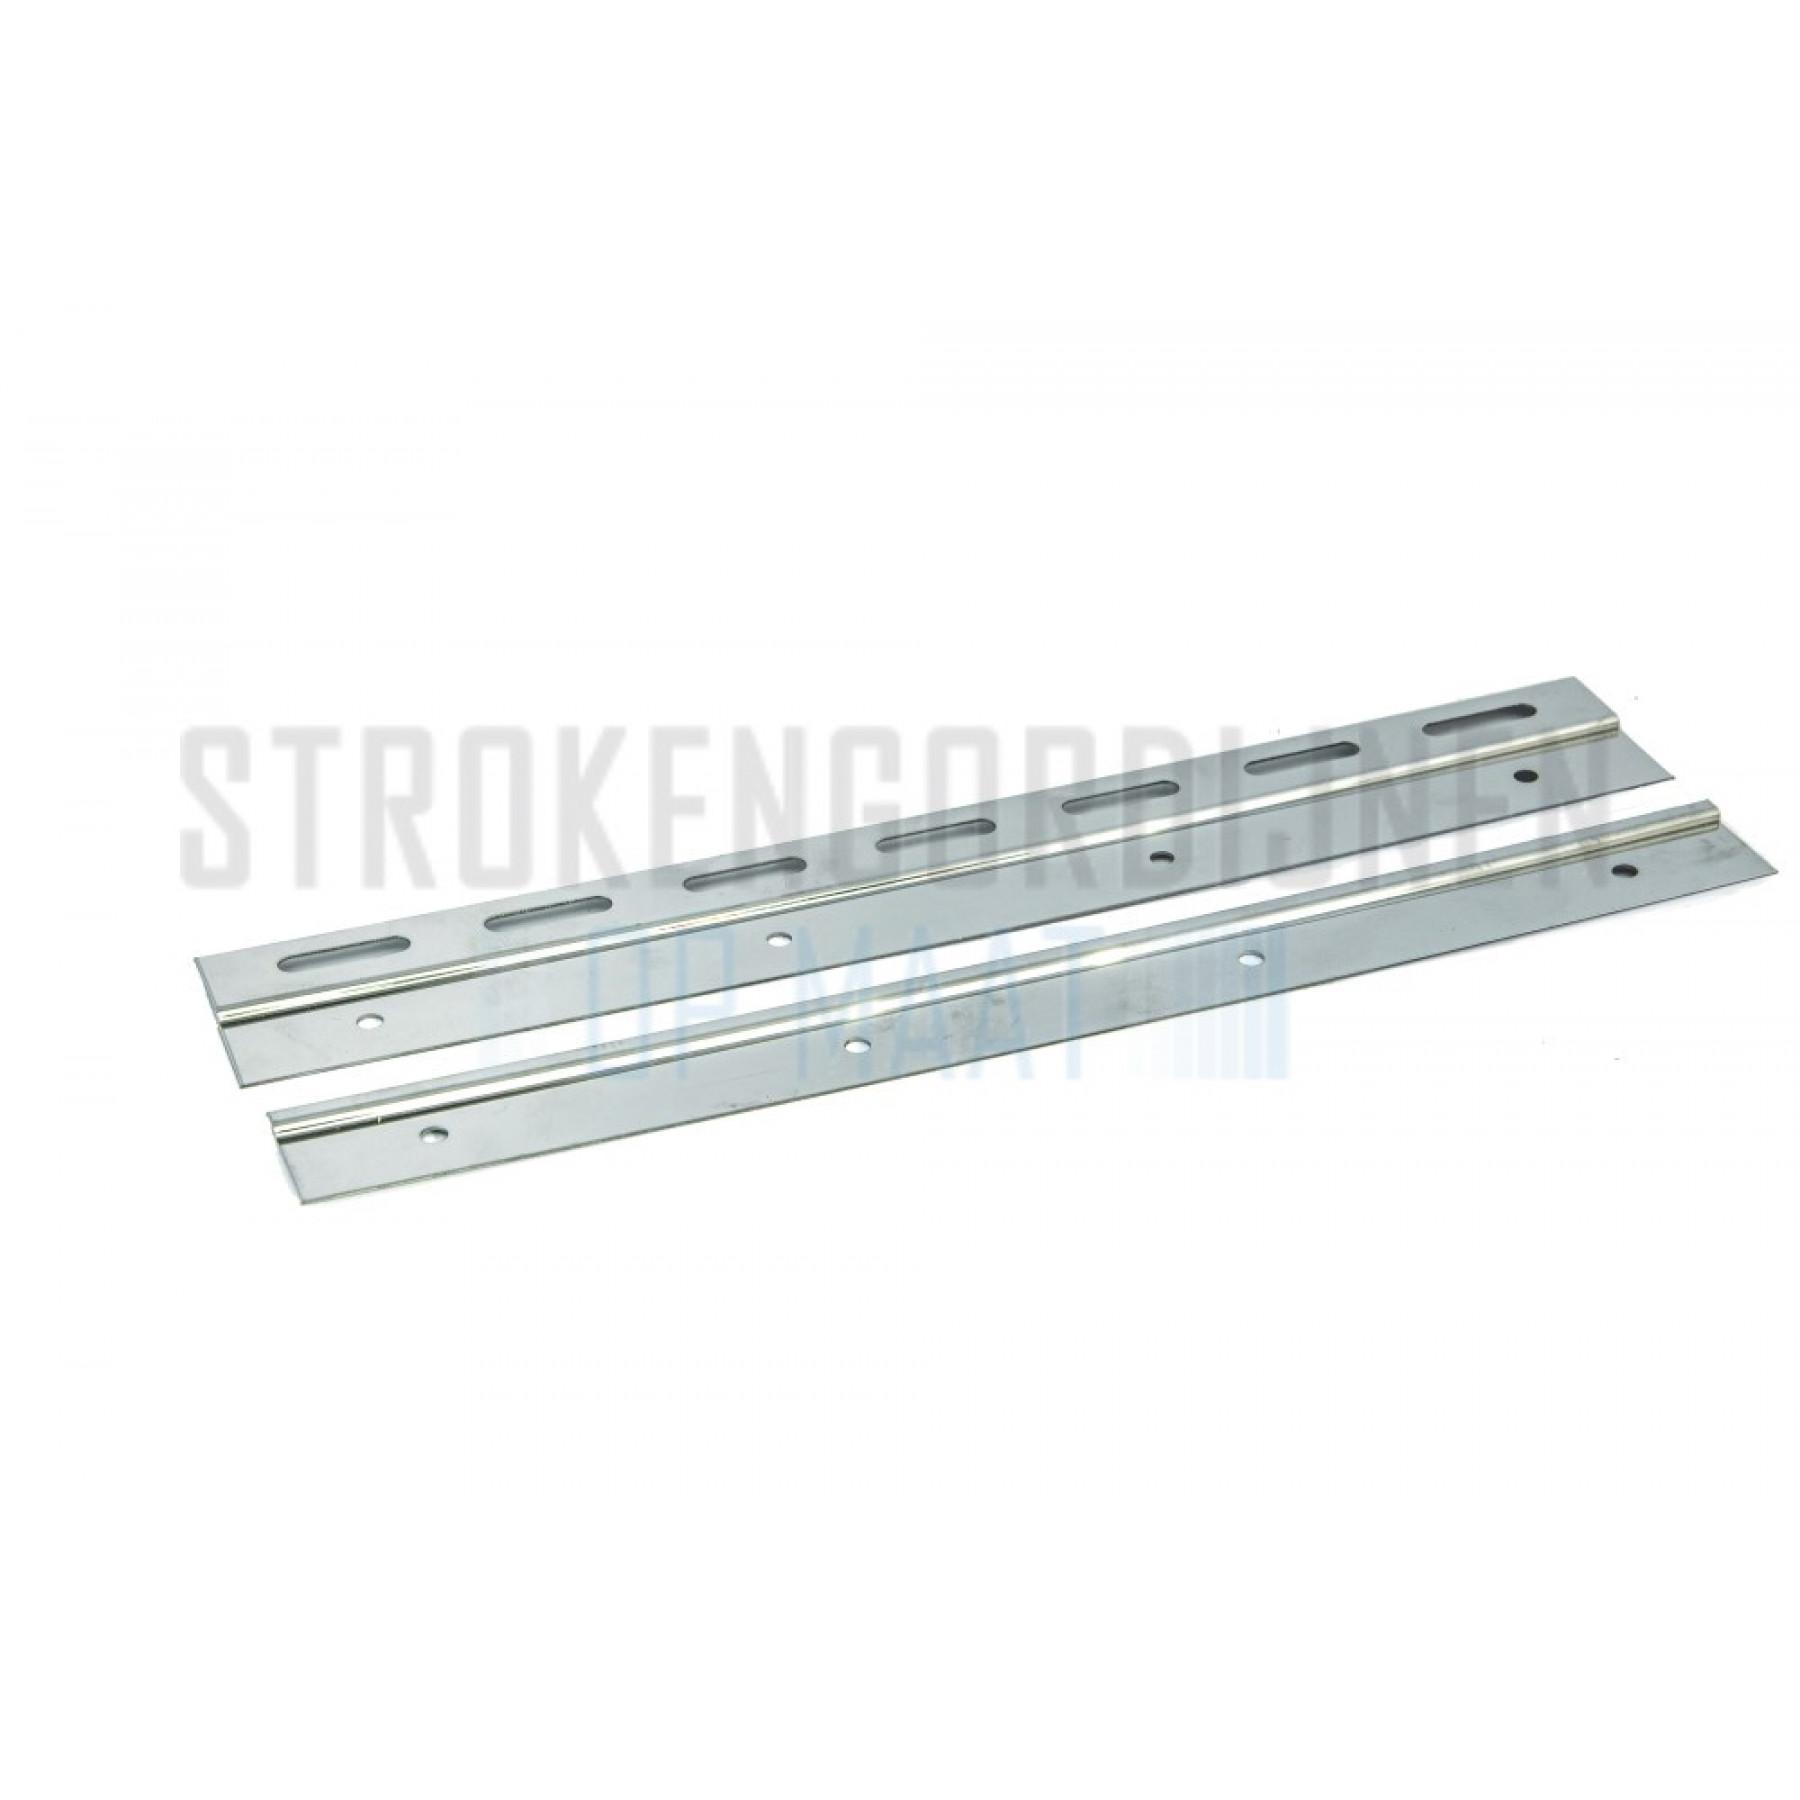 Rostfrei-Stahl Aufhängesystem (Überblick)